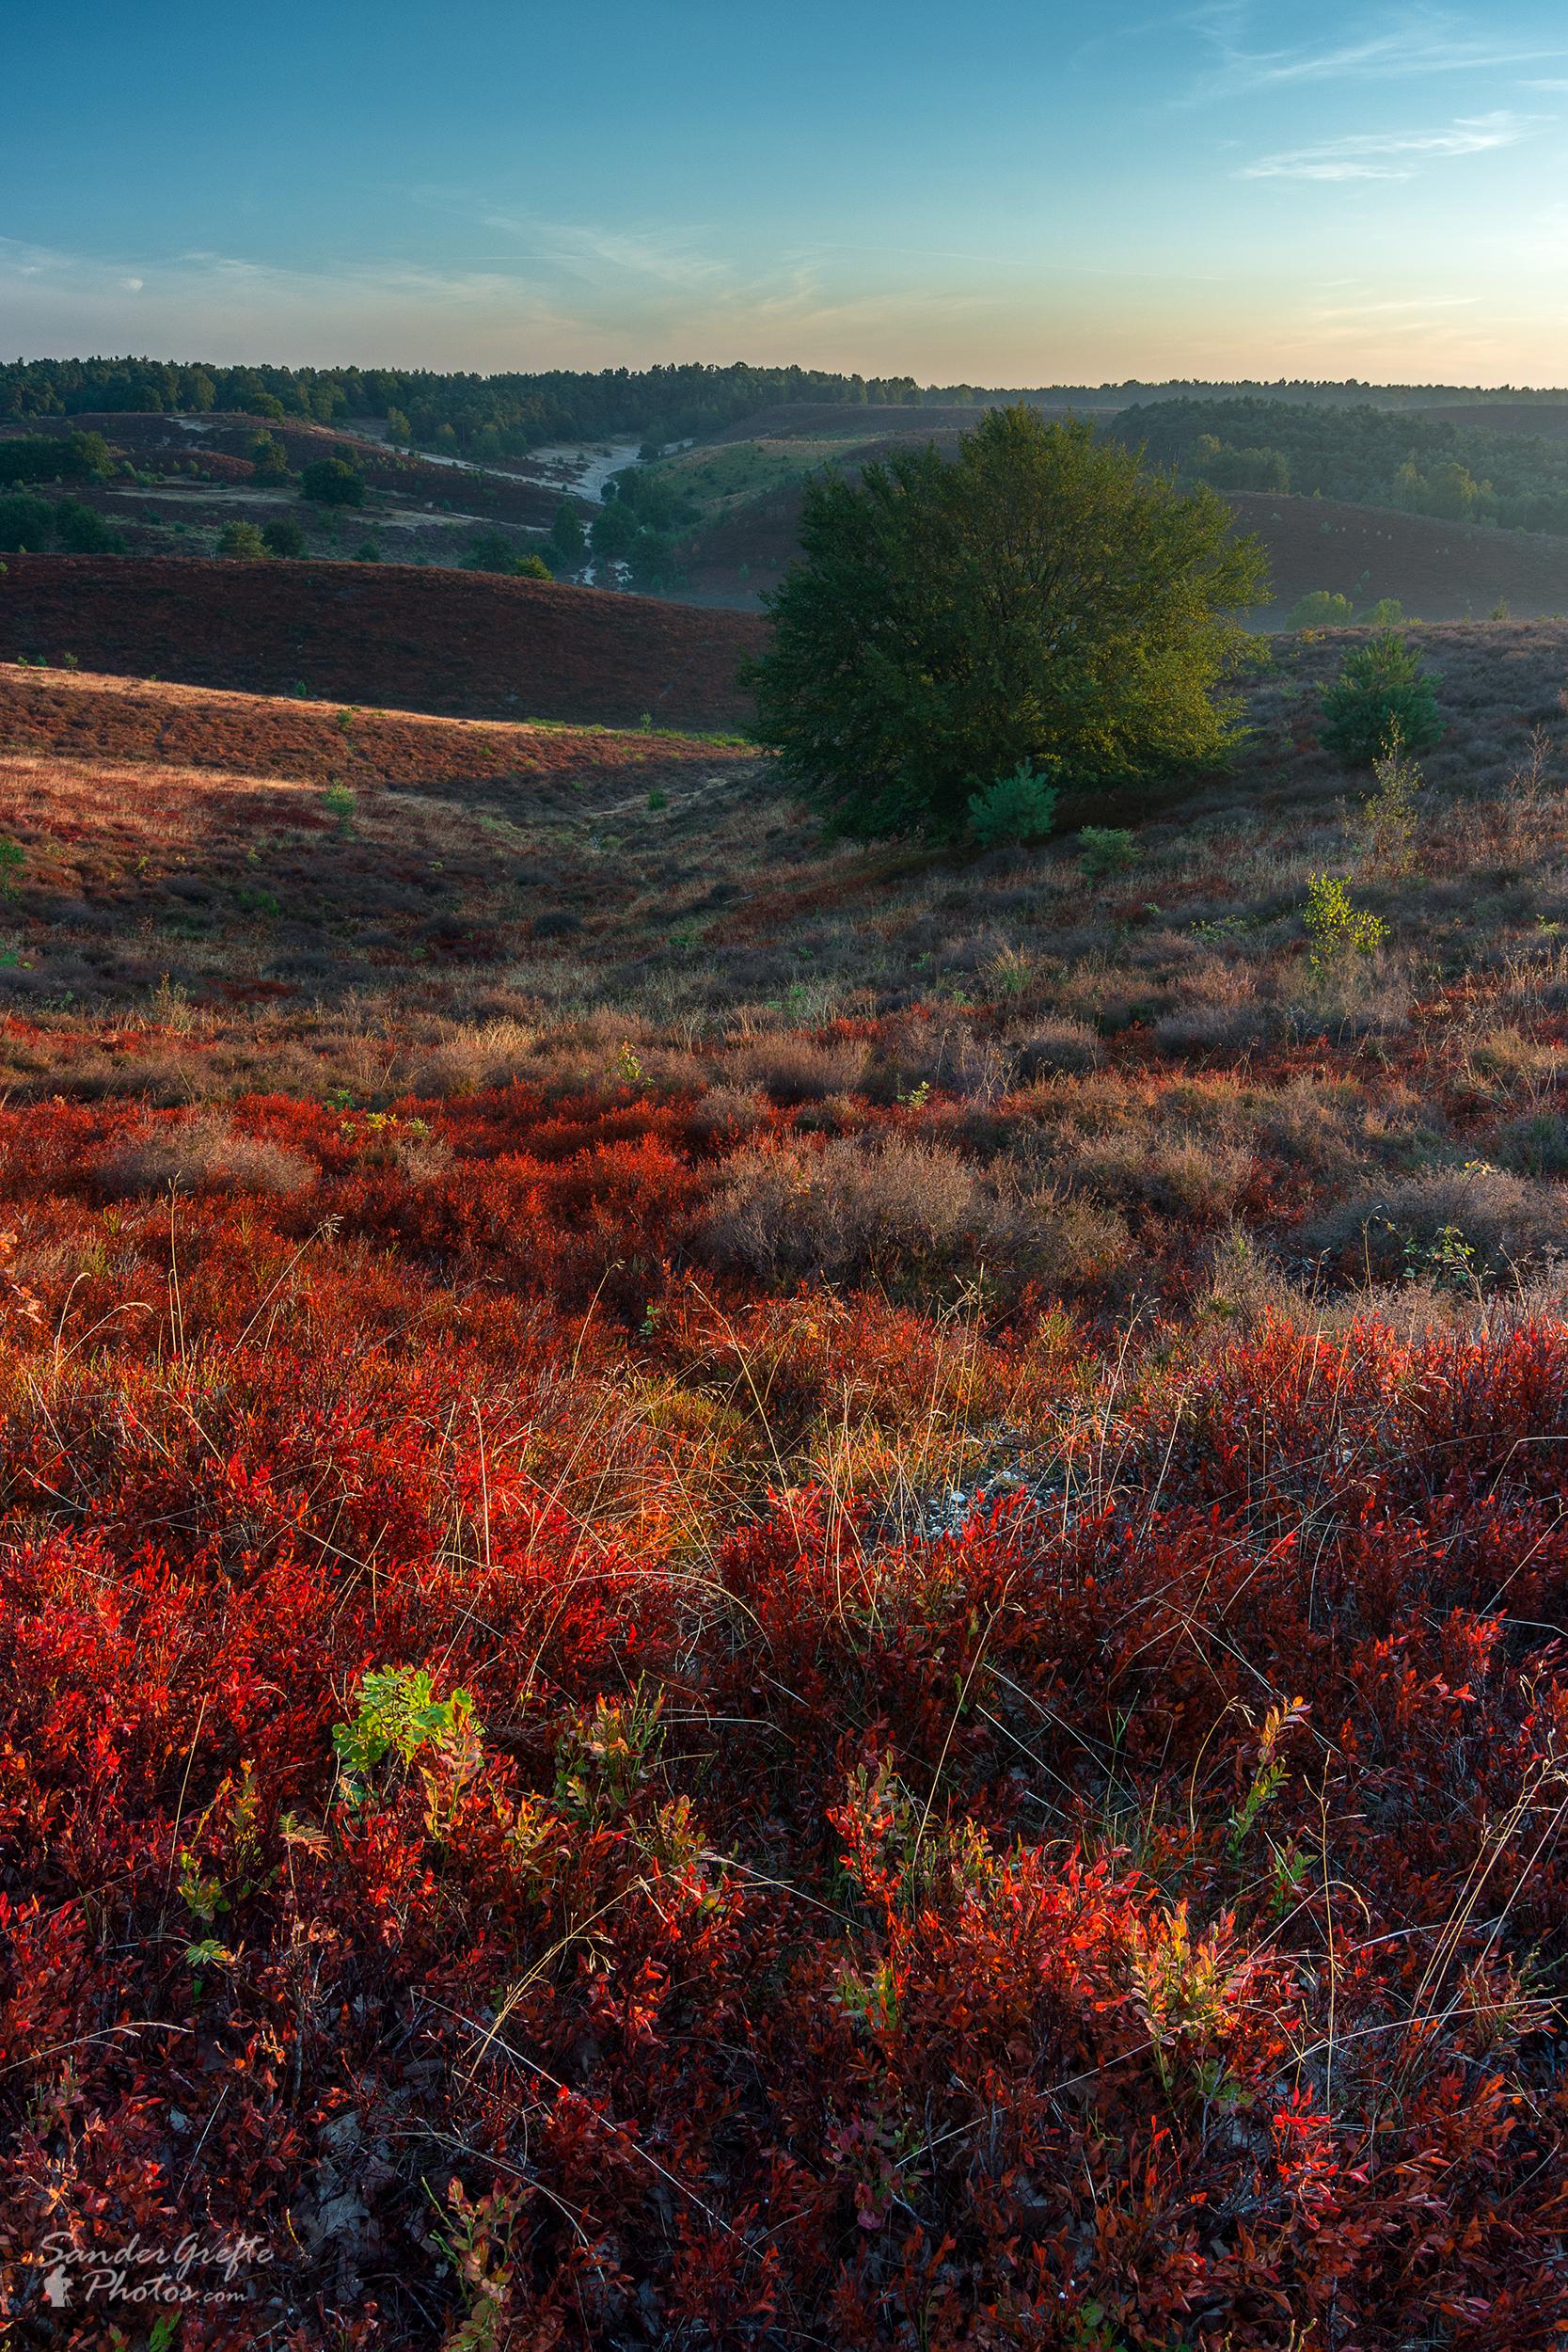 De rode tinten van de Posbank (15mm, iso 100, f11, 1/13s)